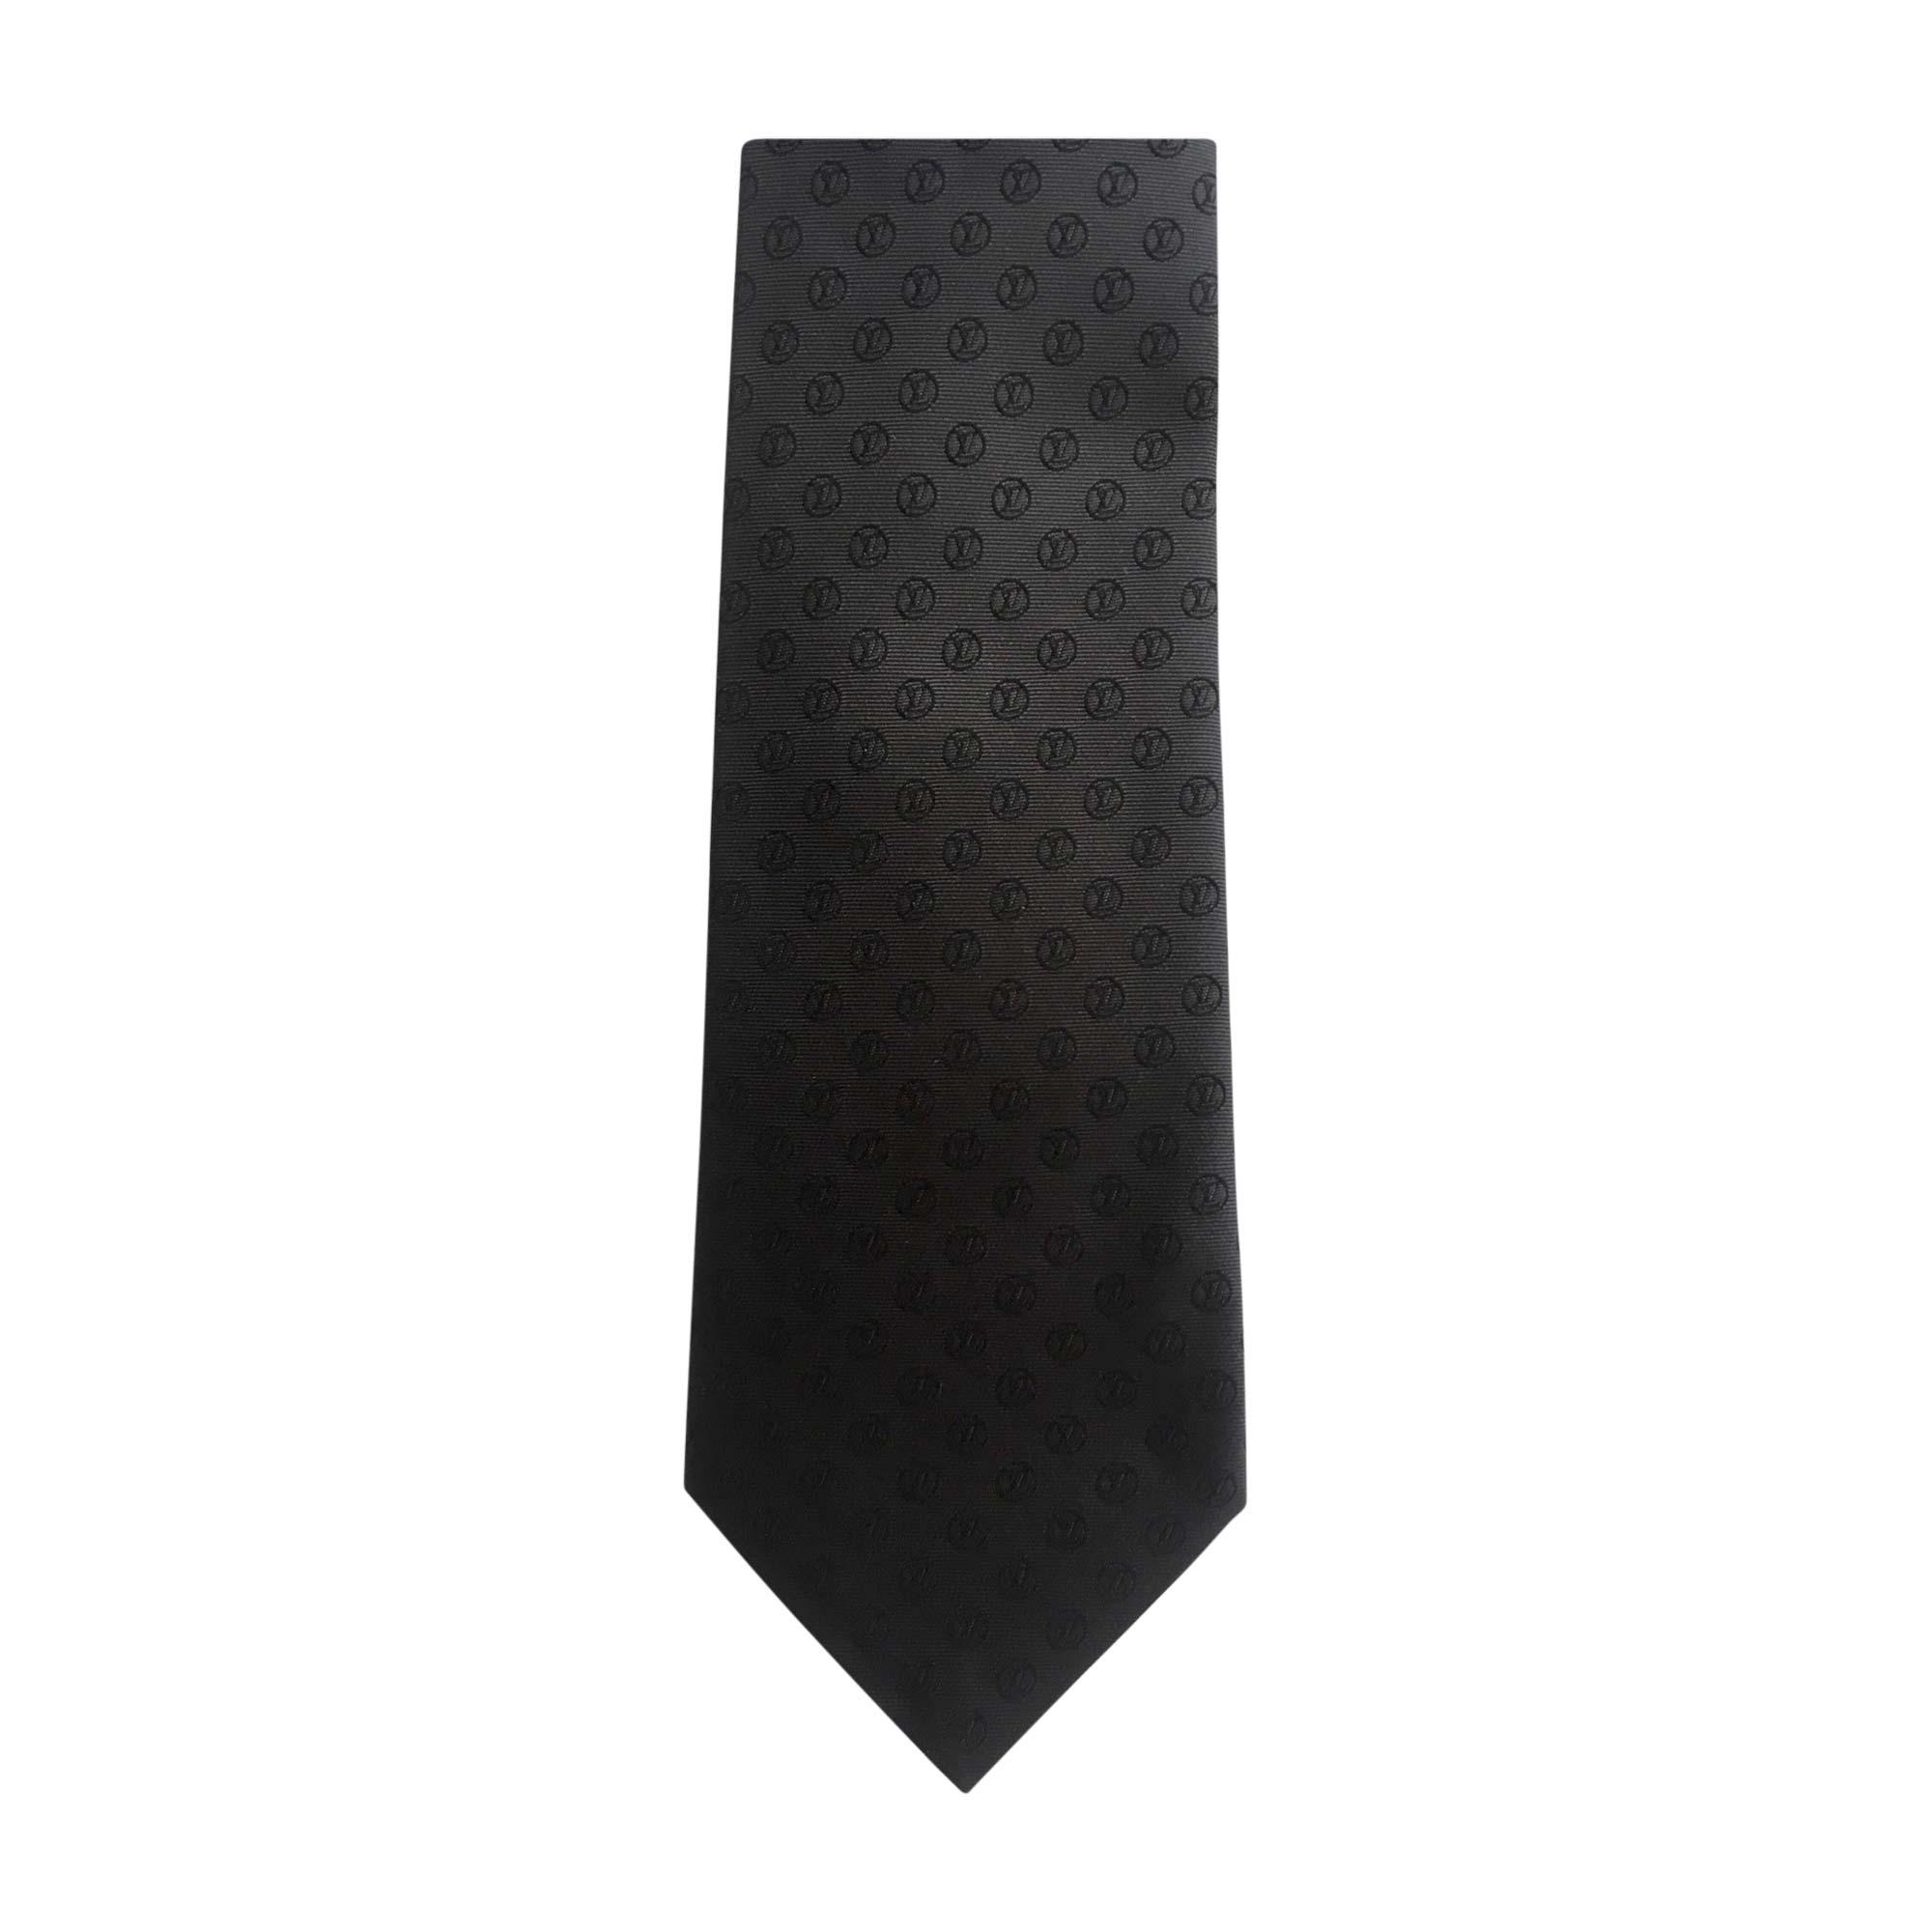 05b40c2cd6e38 Krawatte LOUIS VUITTON schwarz - 7889108